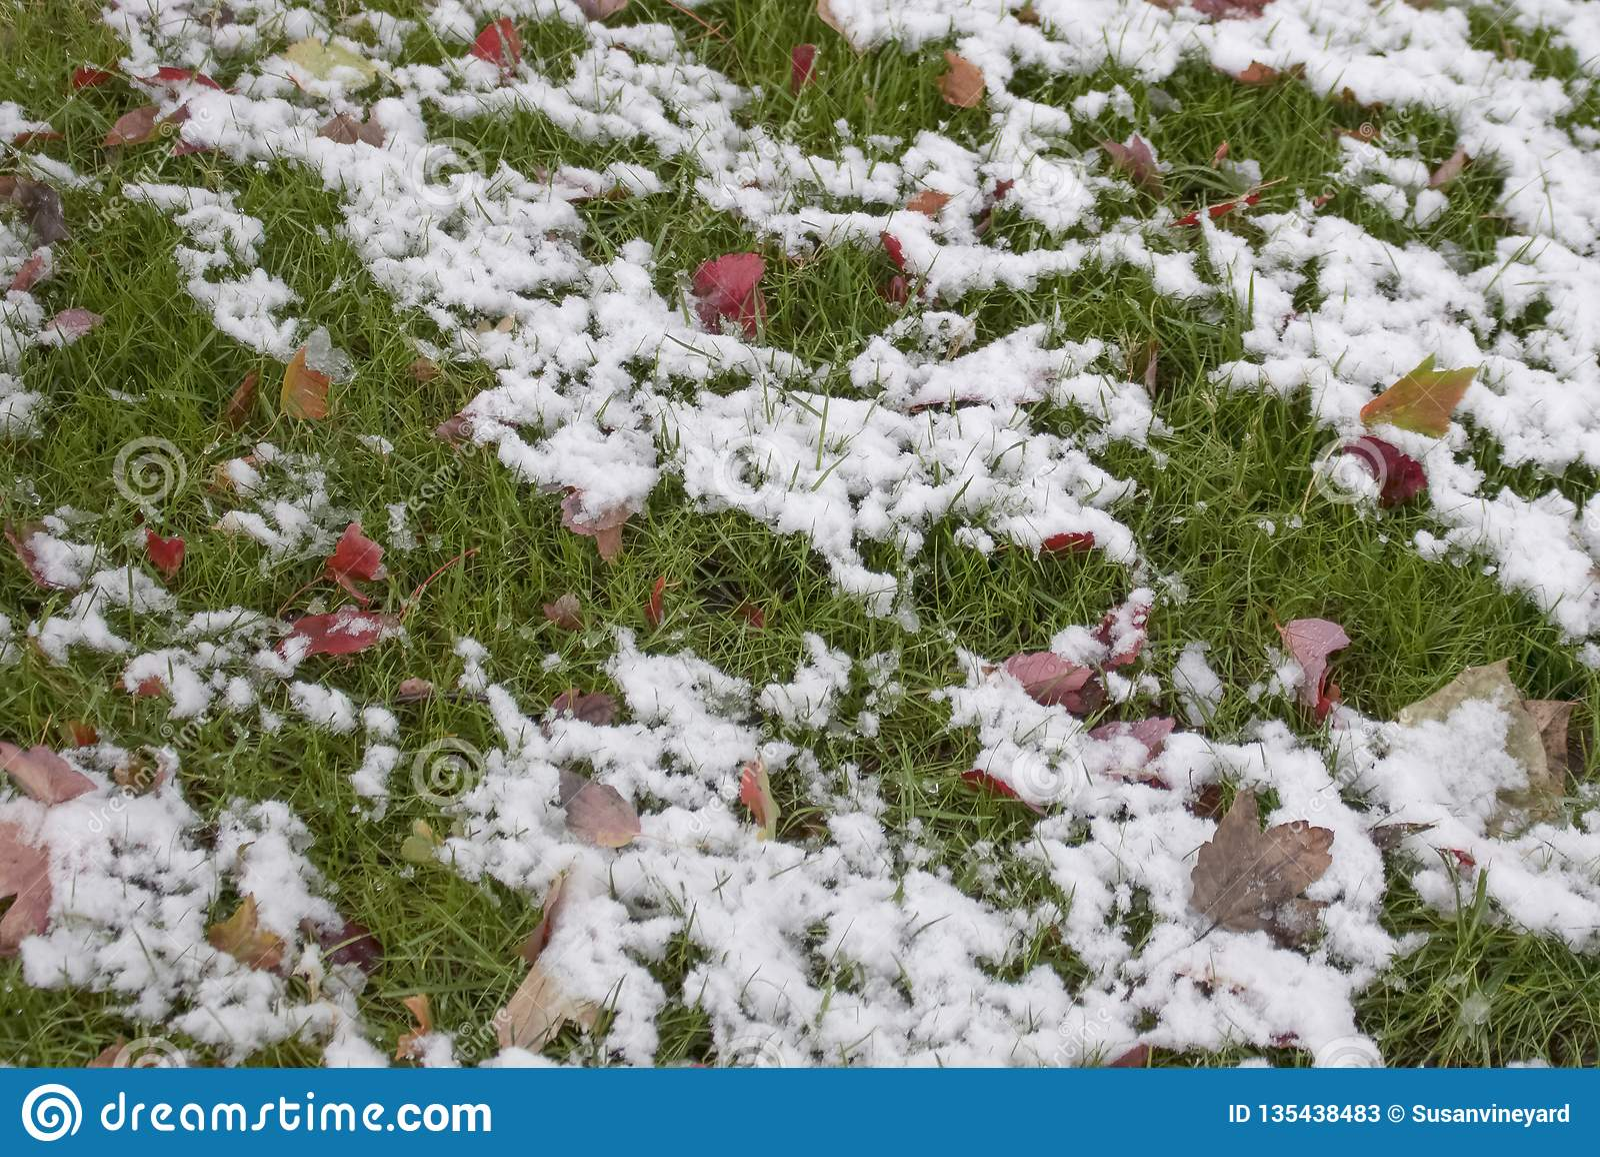 Schmelzender Schnee auf grünem Gras und hell farbigem Herbstlaub - Hintergrund